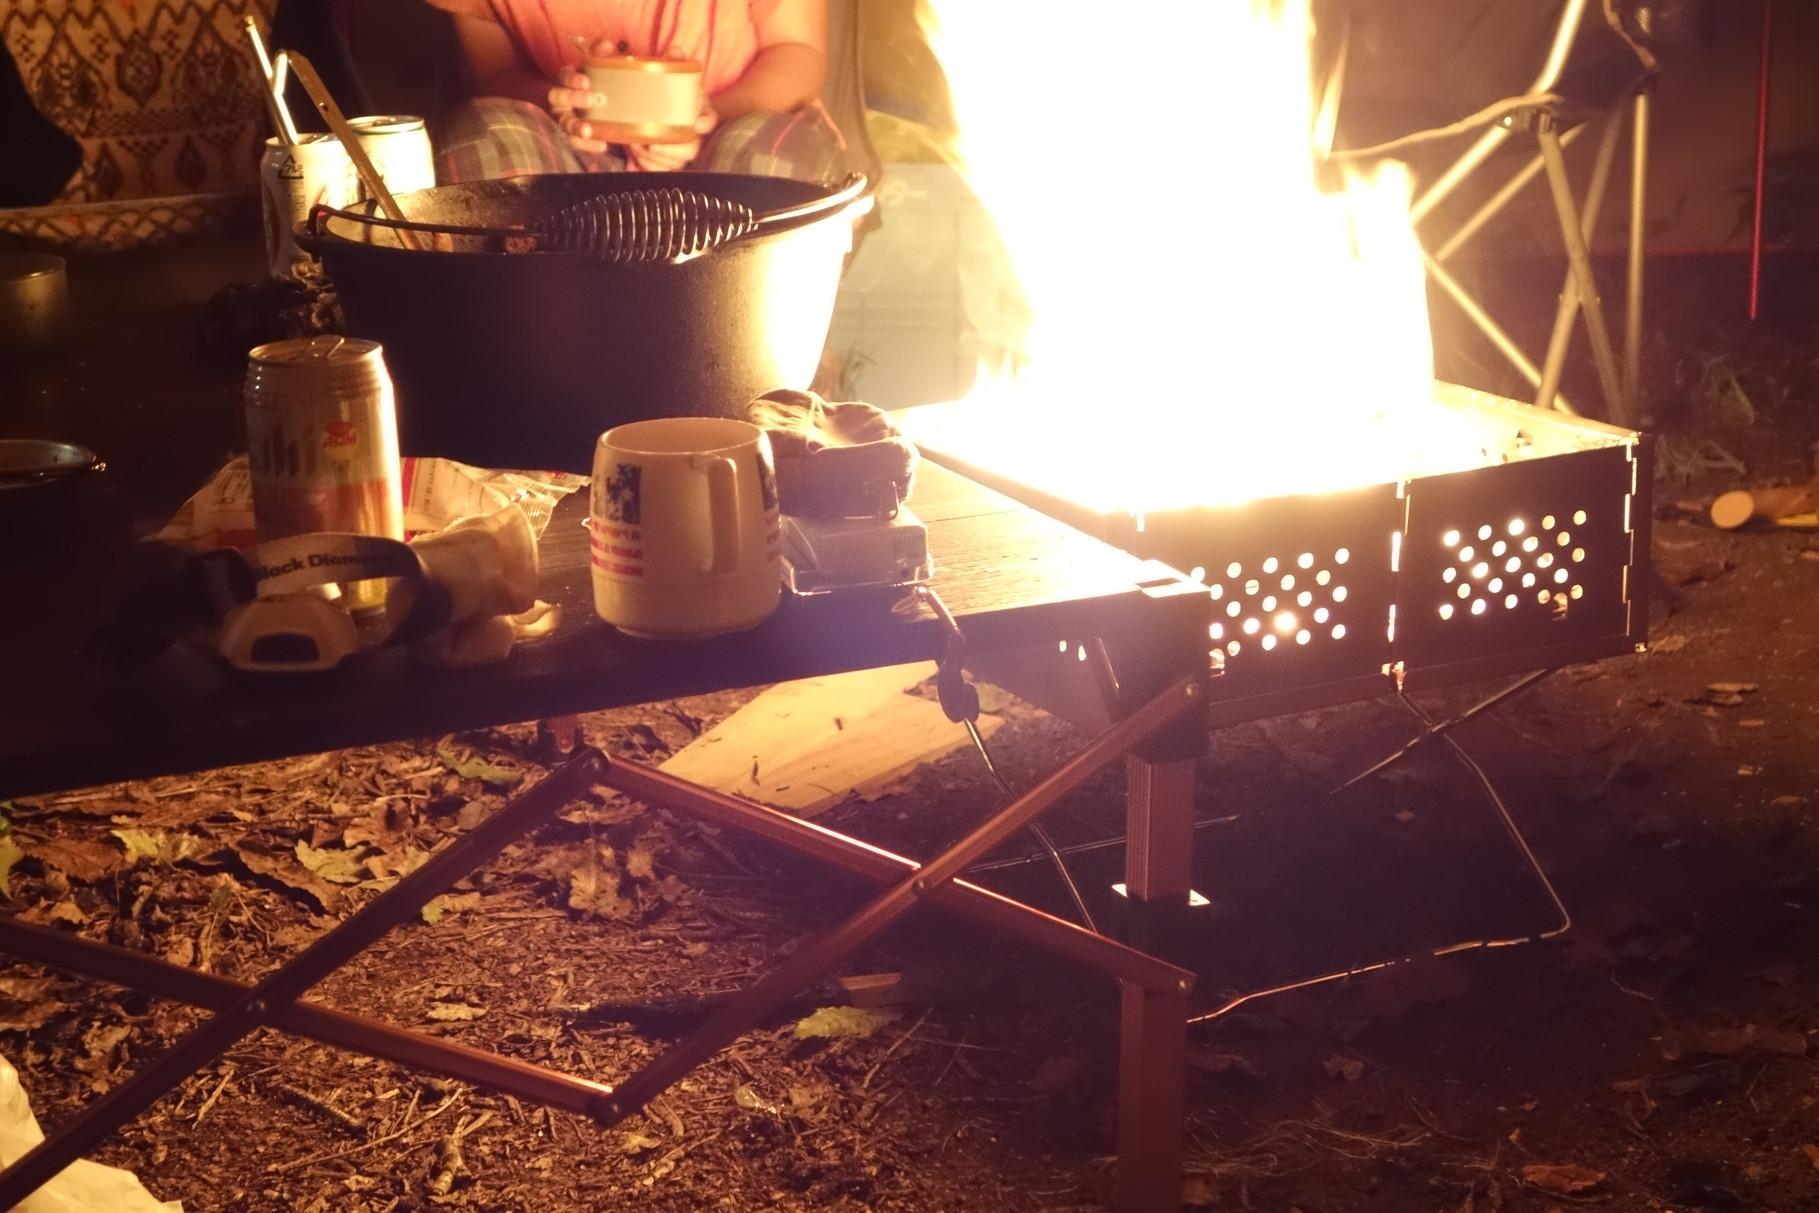 焚き火はいいですね。